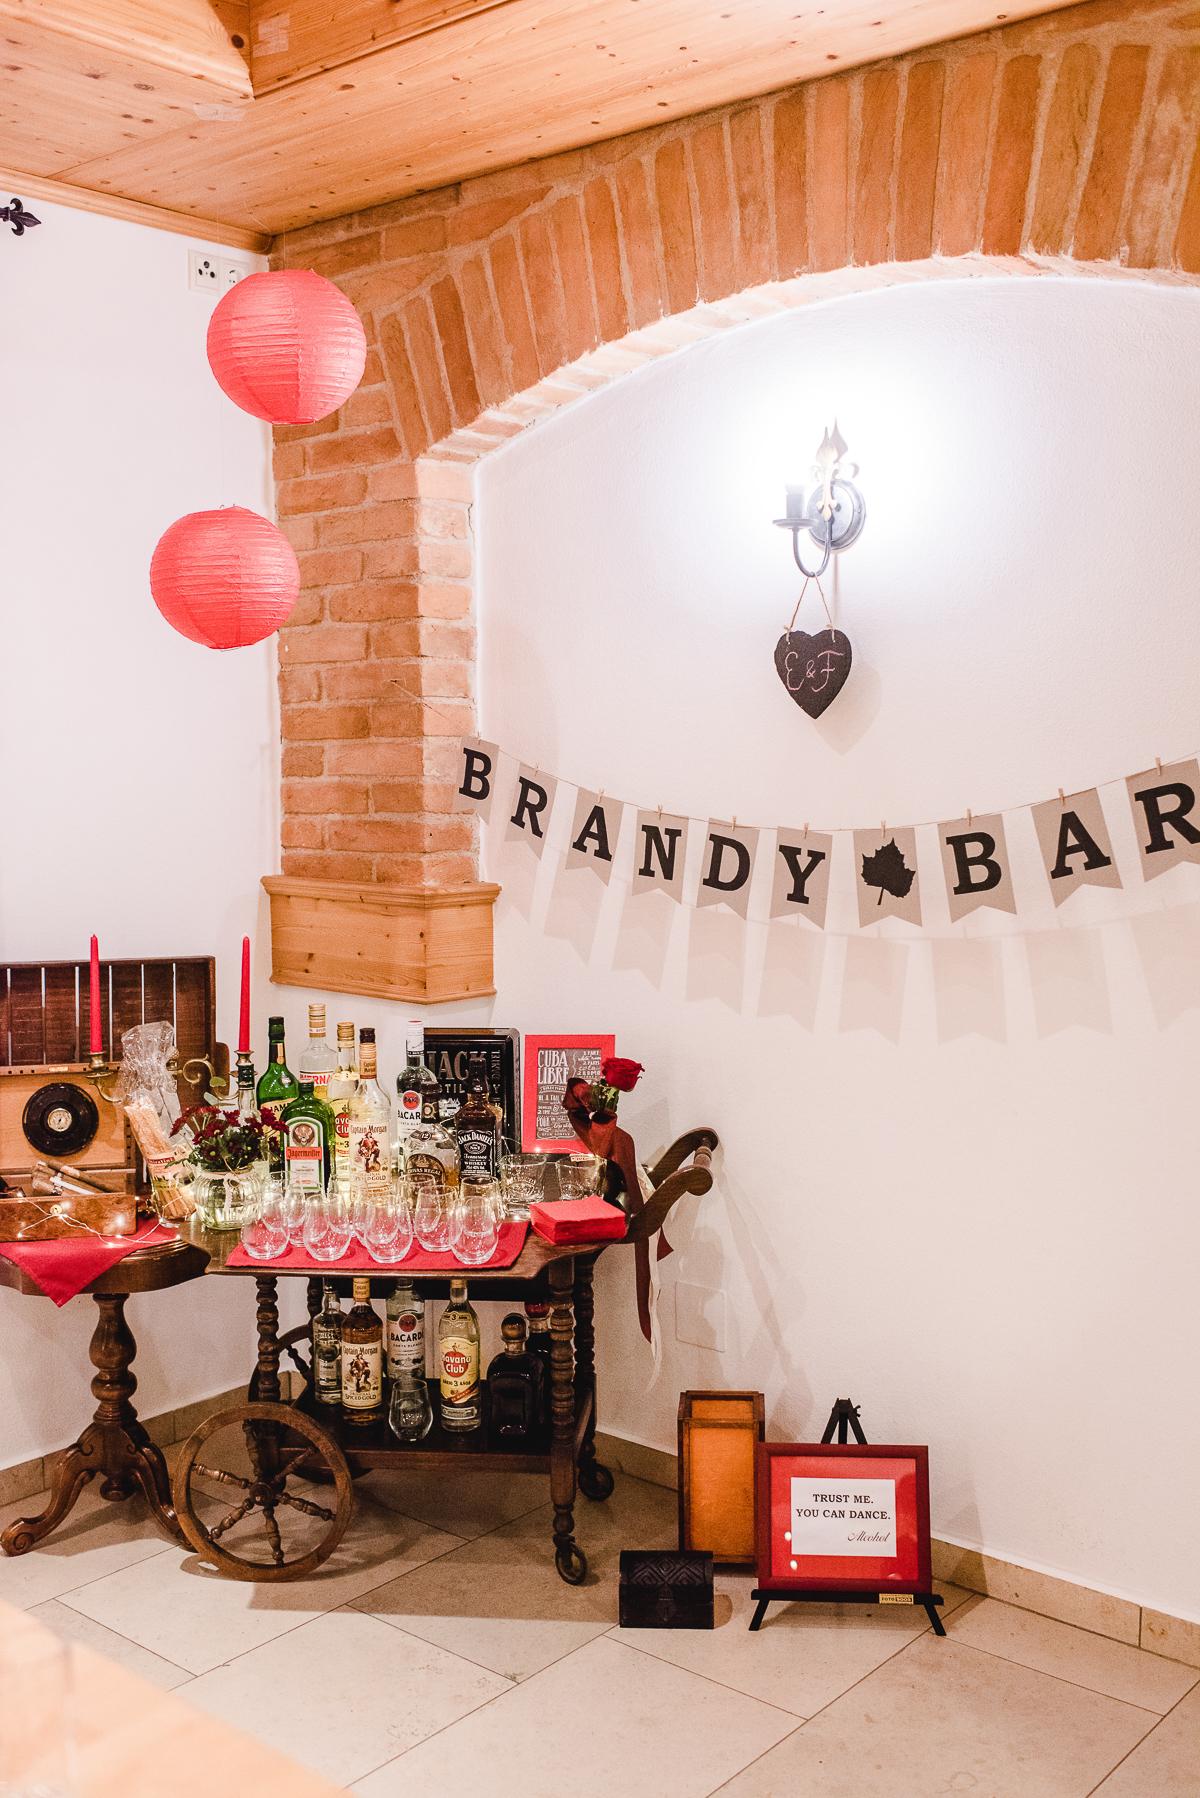 Brandy Bar, brandy Bar Hochzeit, Getränkebar Hochzeit